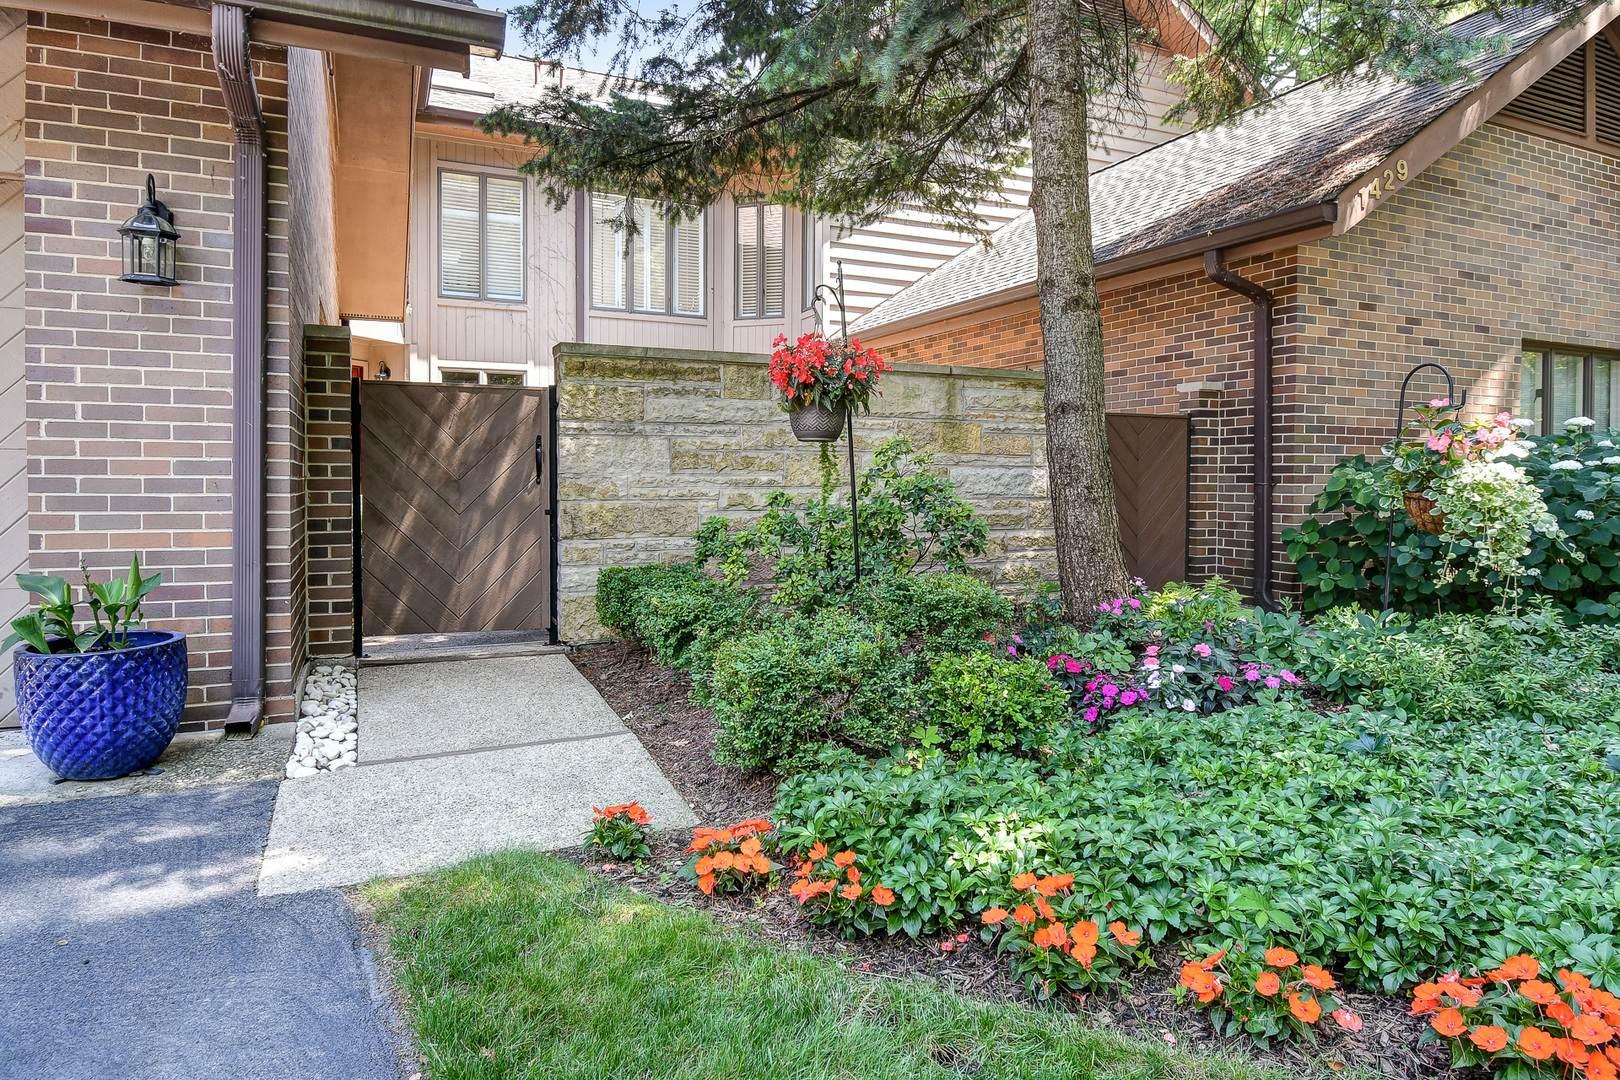 1431 Fox Lane 11E, Hinsdale, IL 60521 (MLS #10824849) :: John Lyons Real Estate